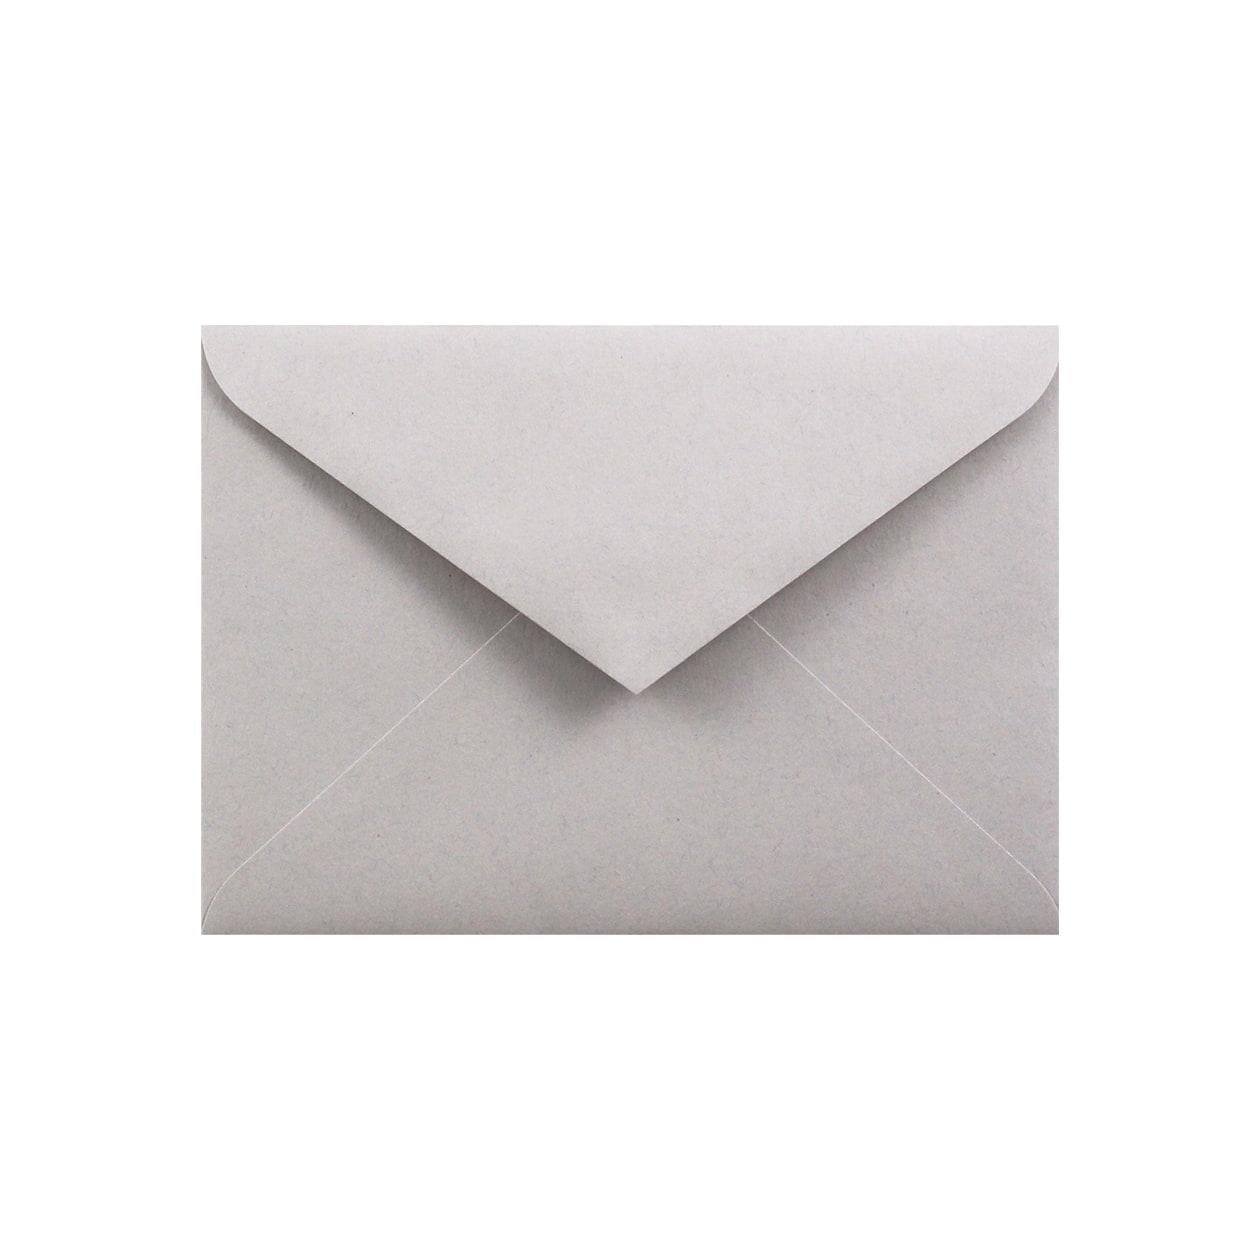 洋2ダイア封筒 HAGURUMA Basic ライナーグレイ 100g